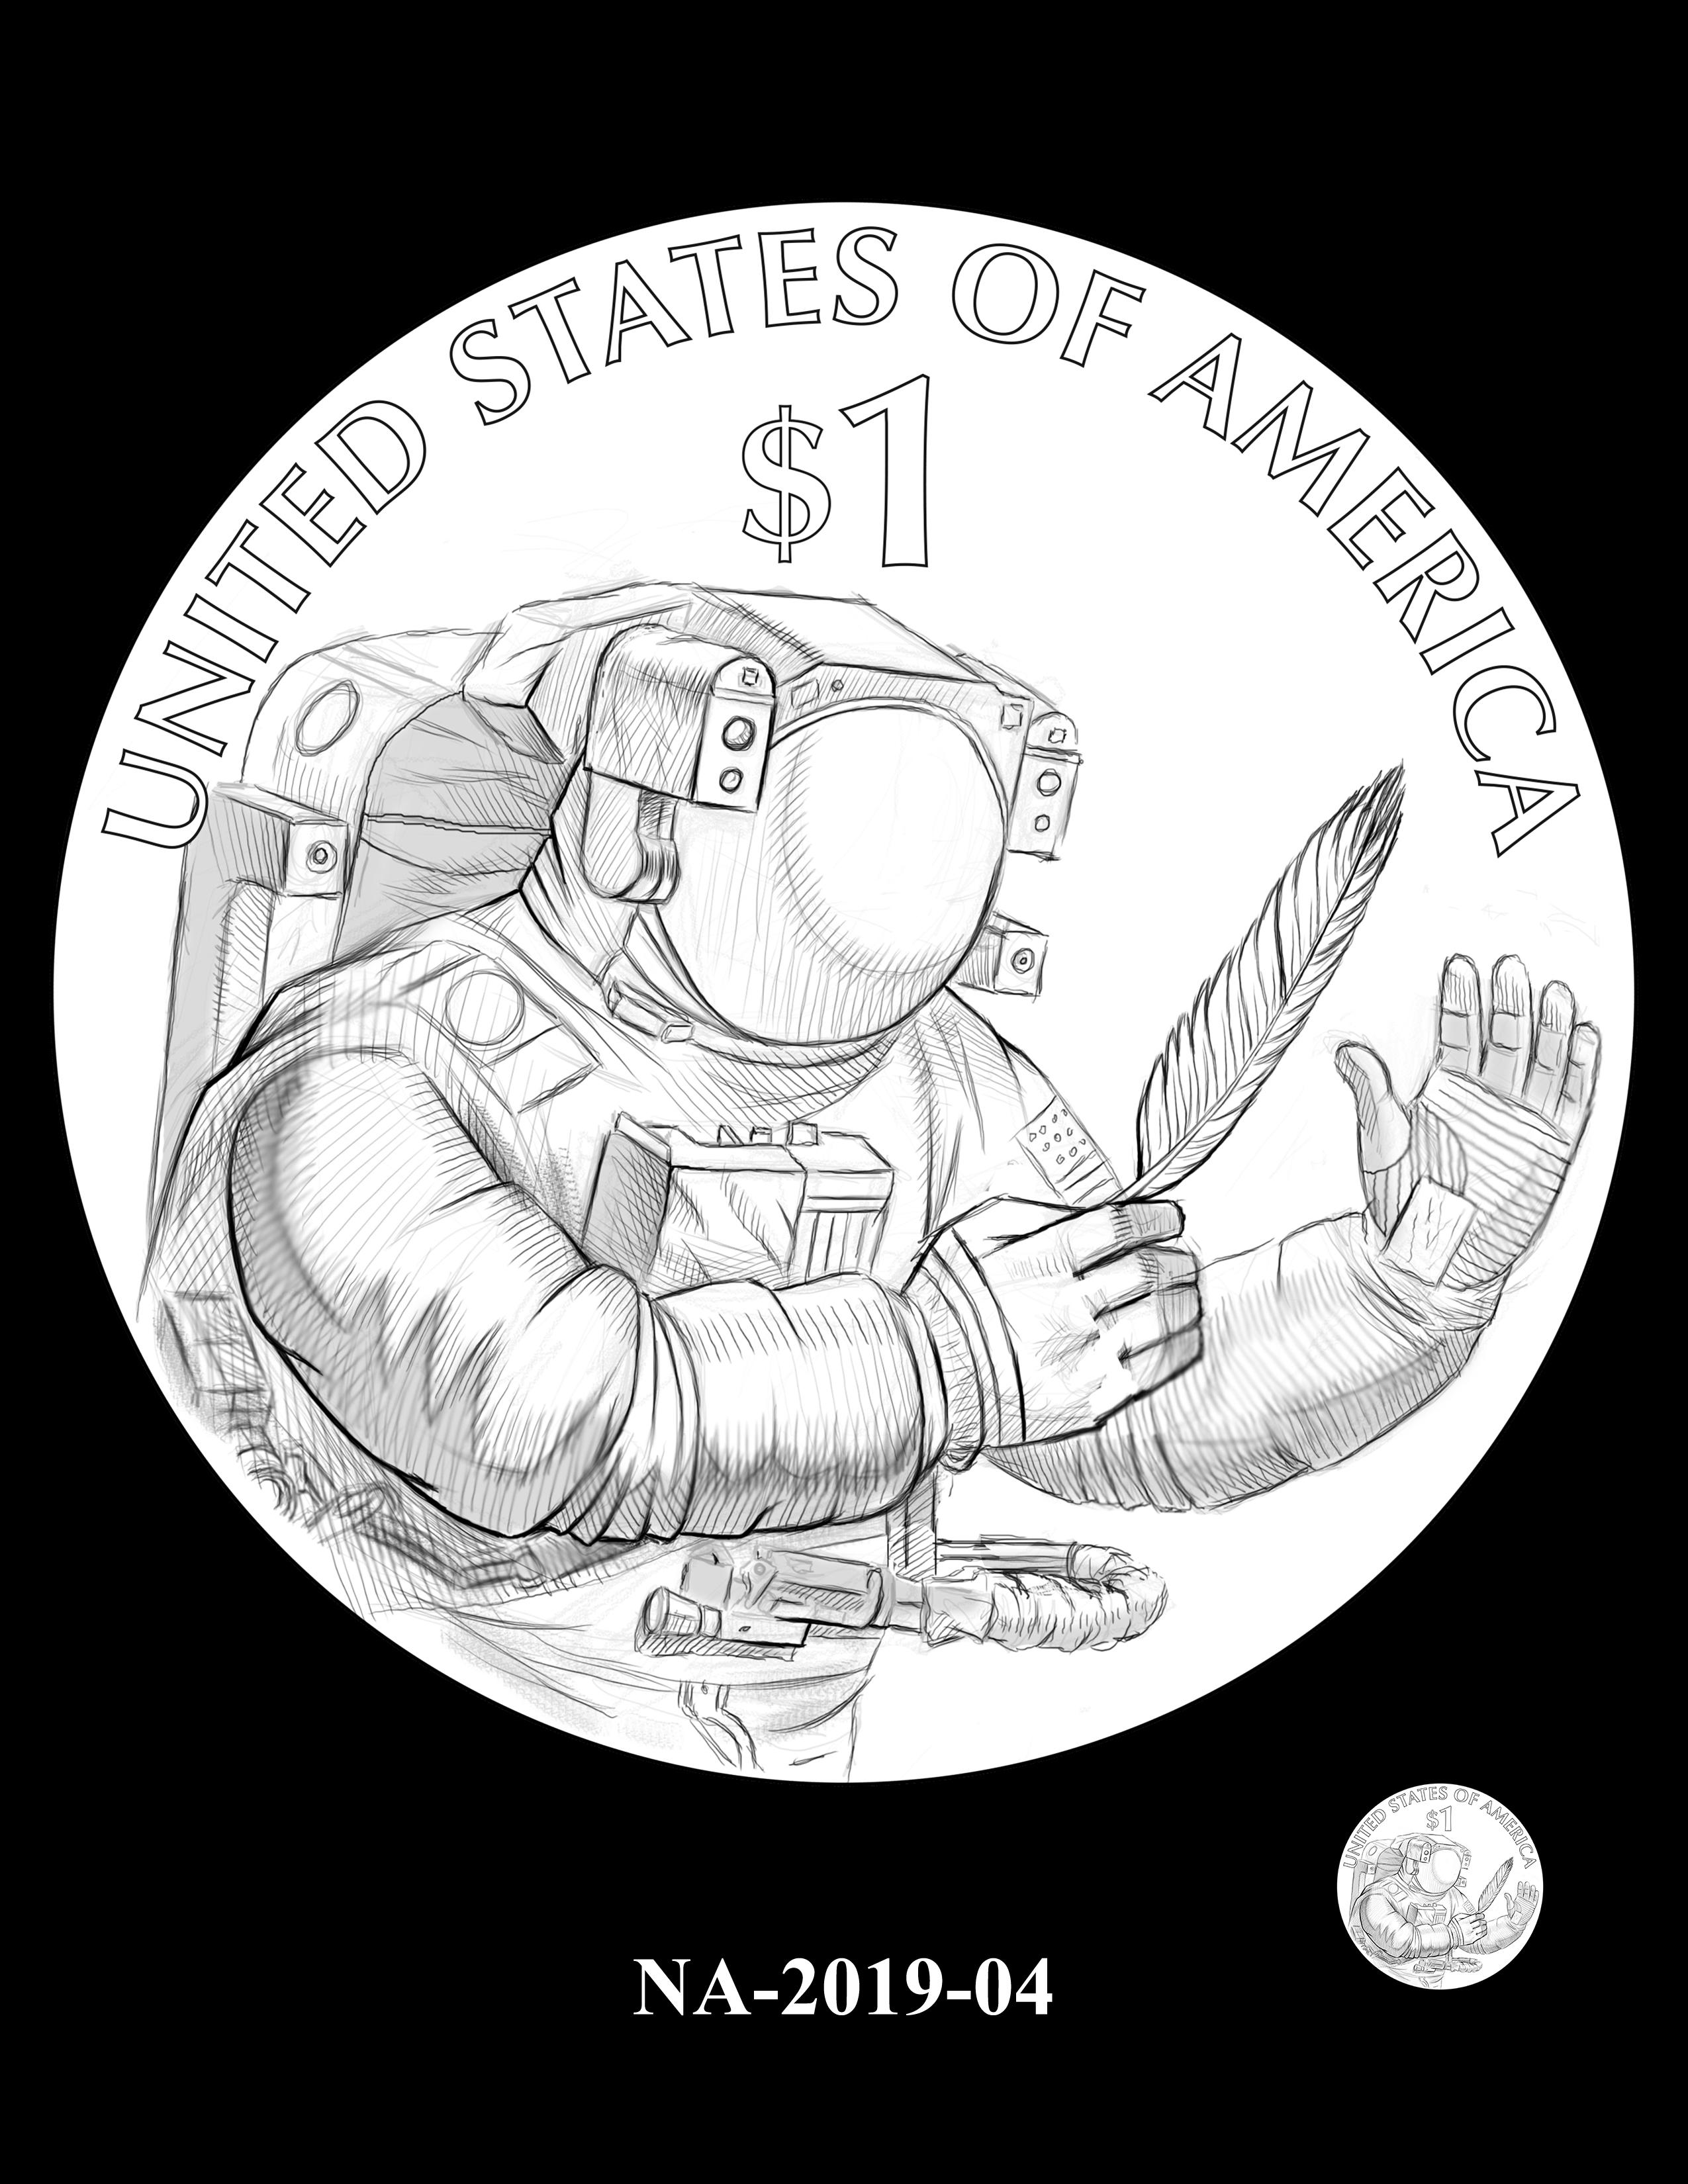 NA-2019-04 --2019 Native American $1 Coin